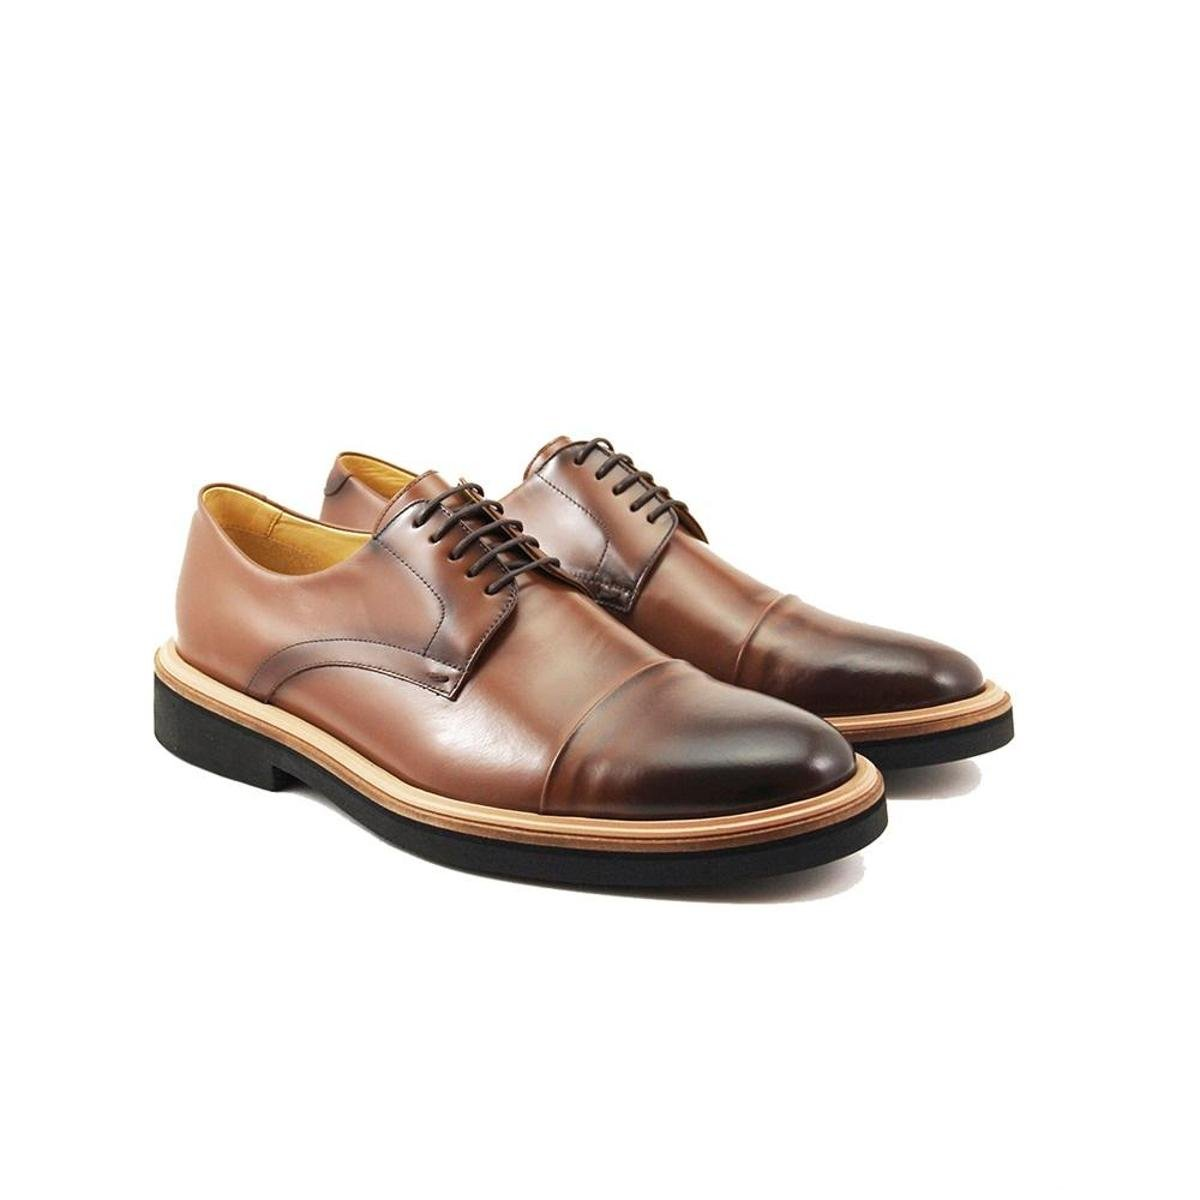 12ec35fa4 Sapato Social Couro Adolfo Turrion Confort Masculino - Marrom - Compre  Agora